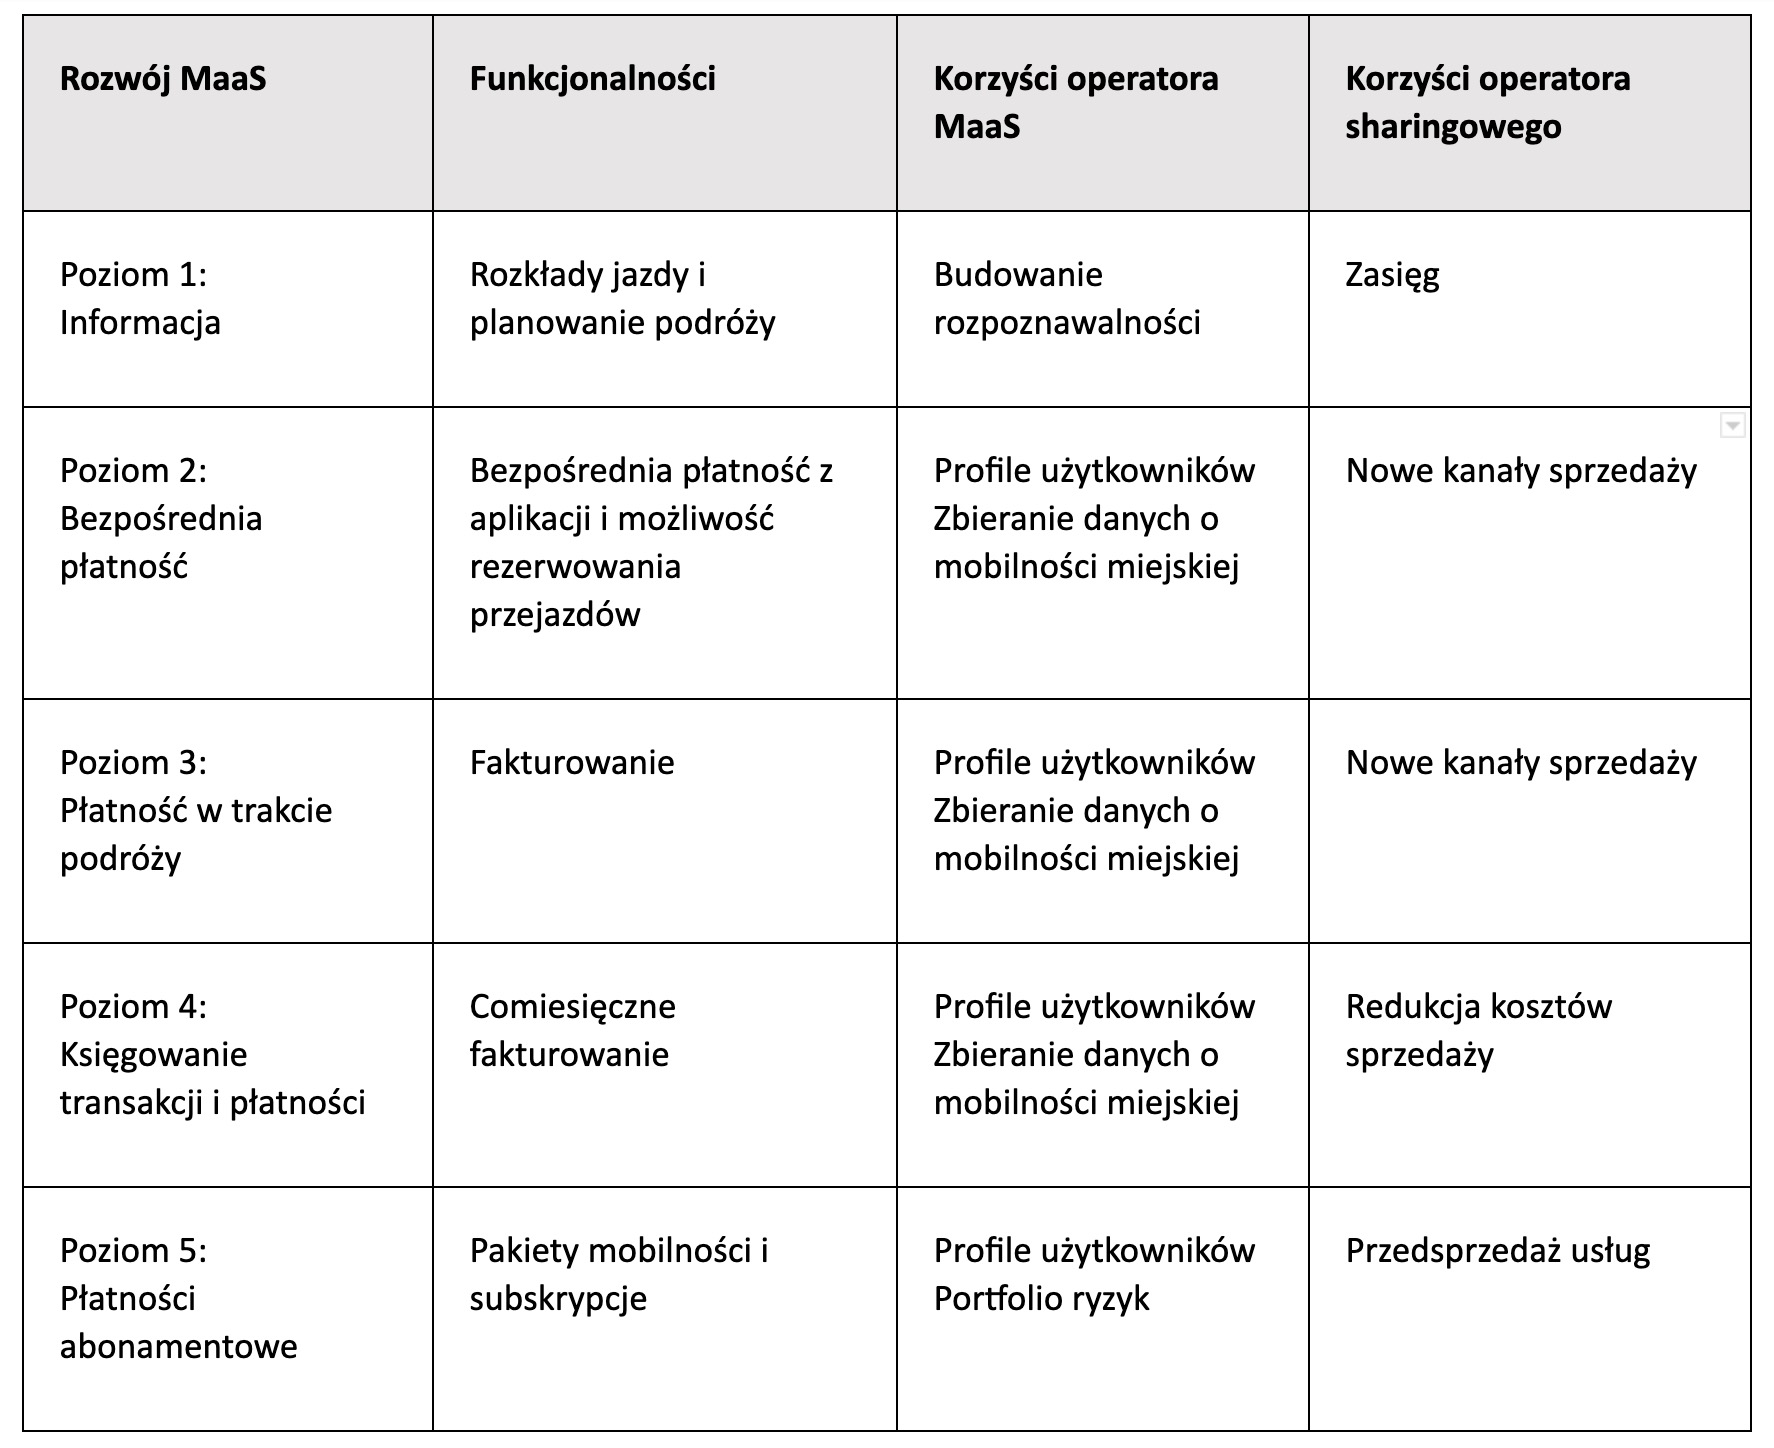 tabela rozwój maas - korzyści z partnerstwa